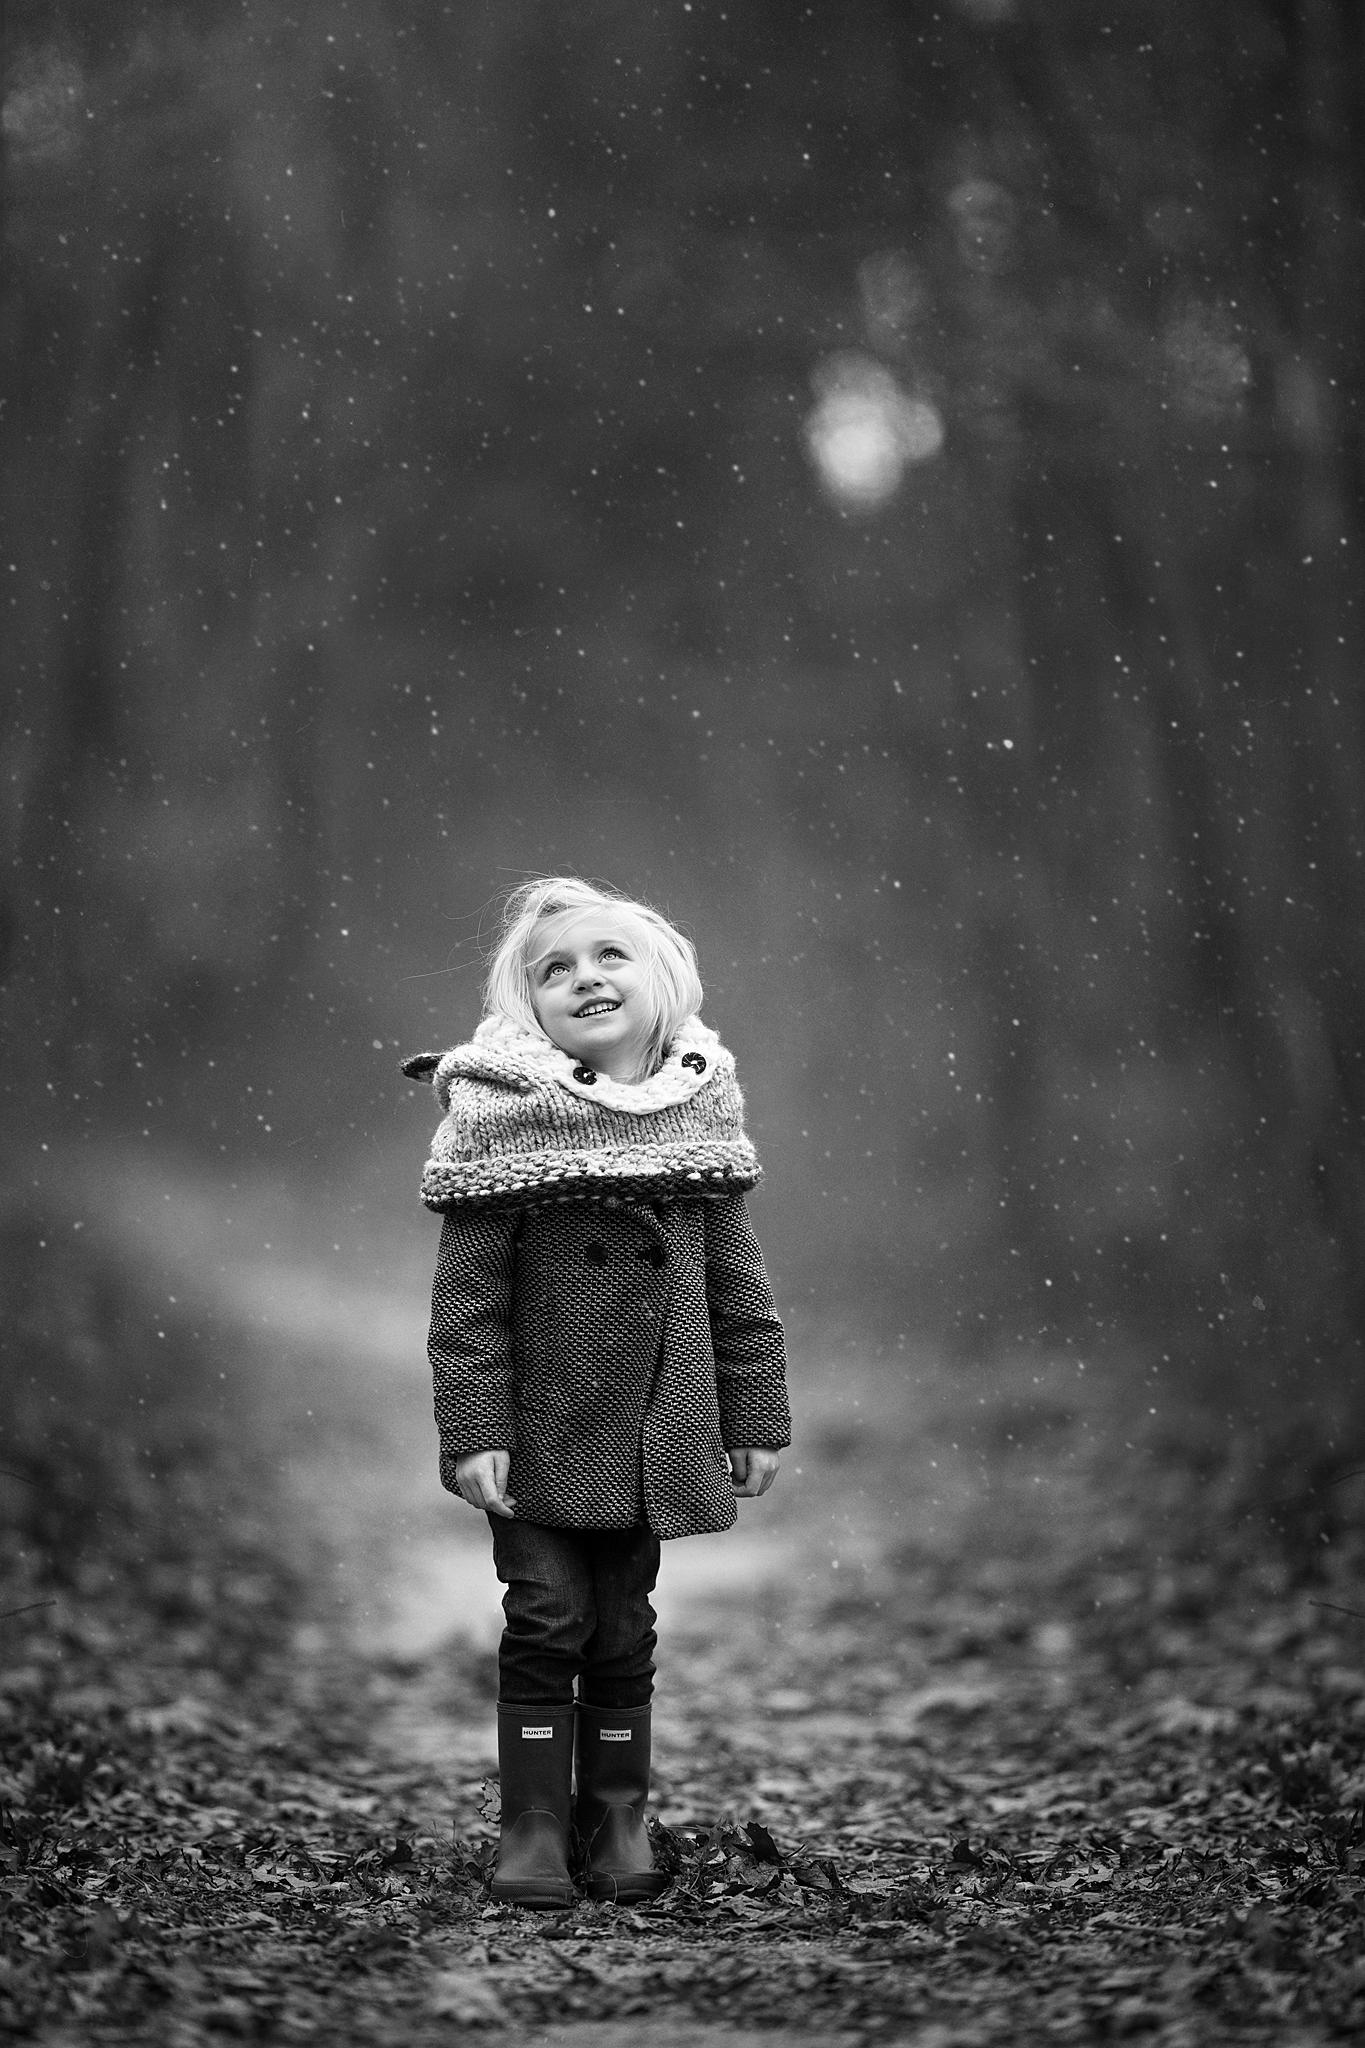 353 - Let it snow!